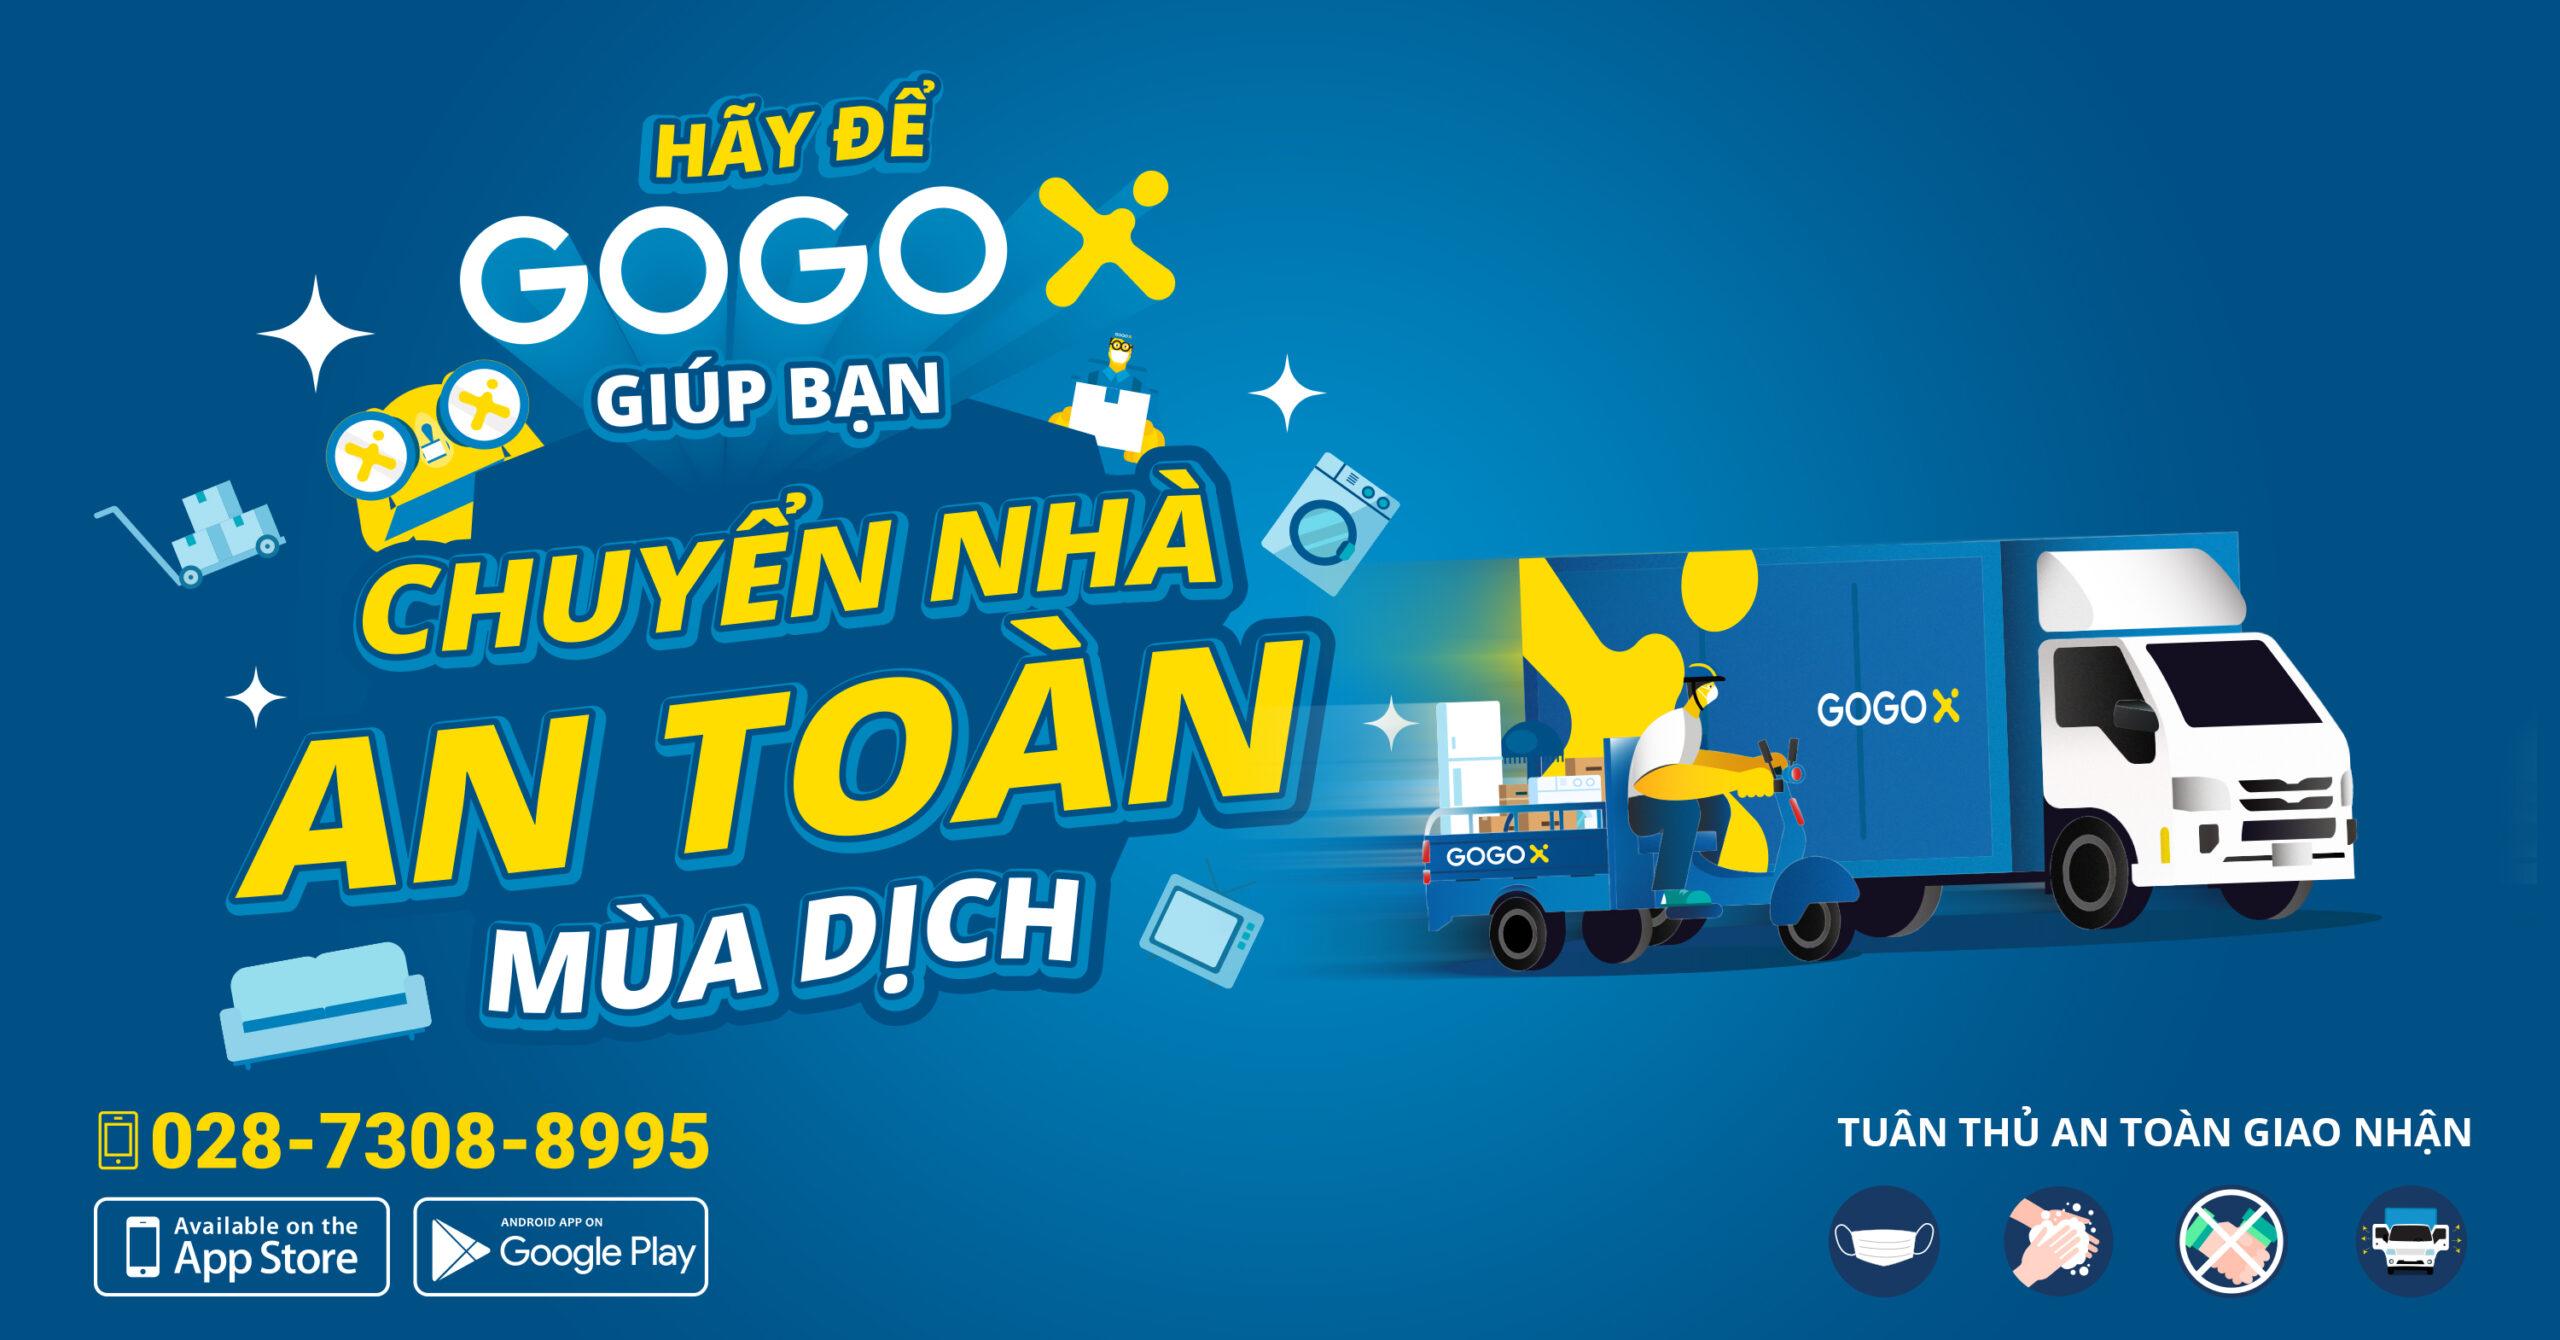 Thuê xe ba gác, xe tải chuyển nhà giá rẻ GOGOX